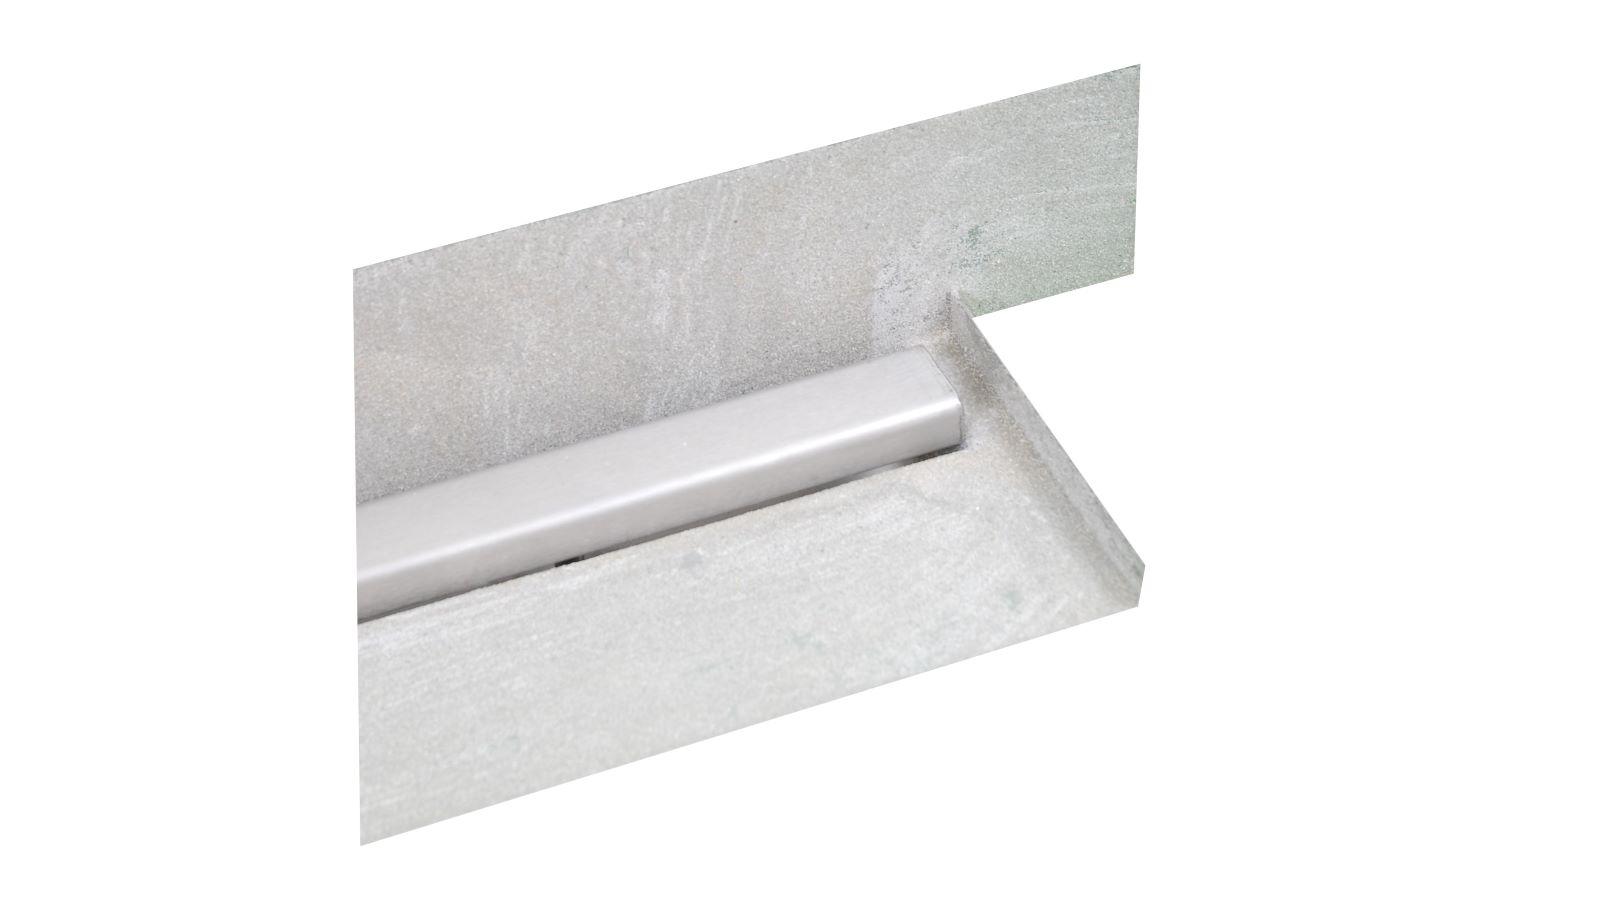 Die abbildung zeigt die sonderanfertigung der v4a edelstahl-duschrinne pro mit seitlichen ausfuehrungen fuer den wandbuendigen einbau. Rechts schliesst die massgefertigte duschrinne pro direkt an die glasduschwand an. Die individuelle seitliche ausfuehrung der duschrinne pro ist entsprechend hinten aufkantung fuer wand und rechts kleine aufkantung im rechten winkel fuer glasduschwand.